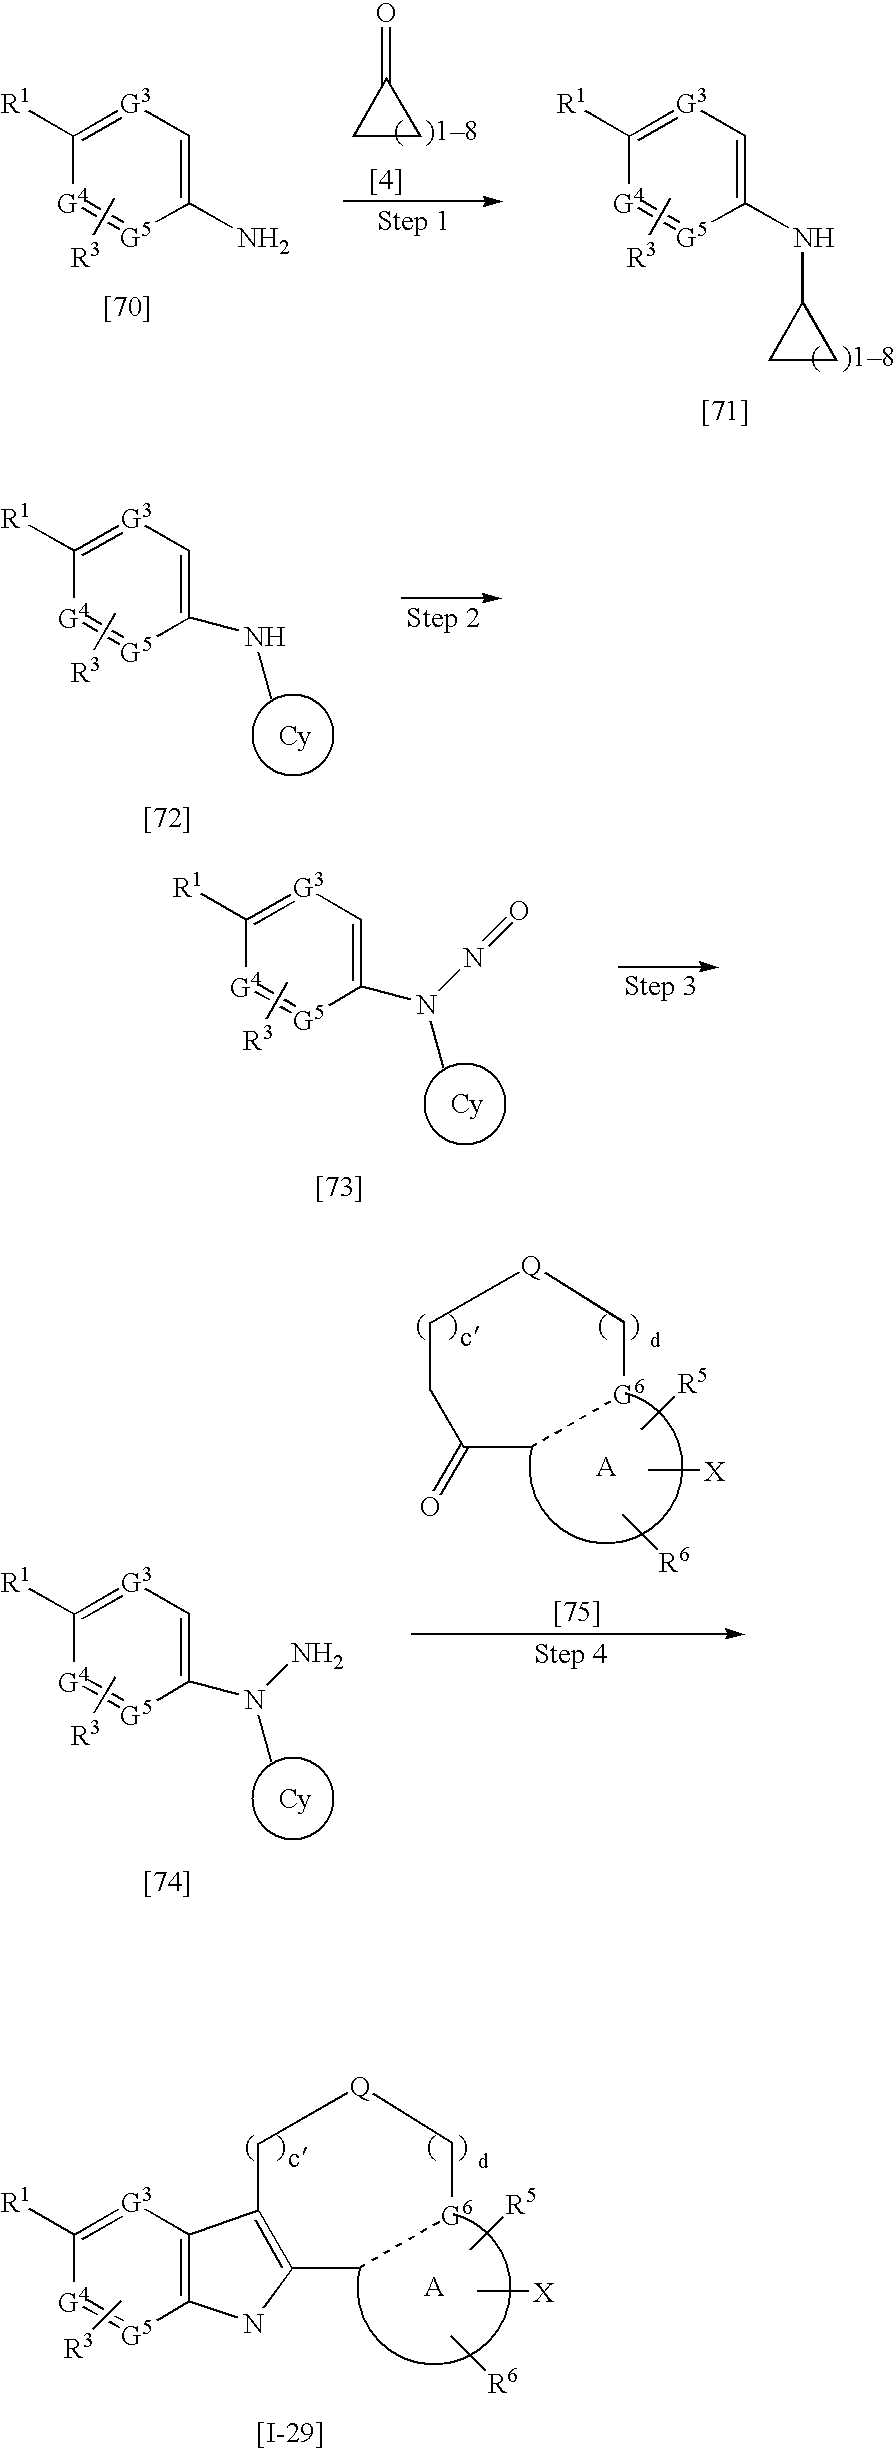 Figure US20070049593A1-20070301-C00292